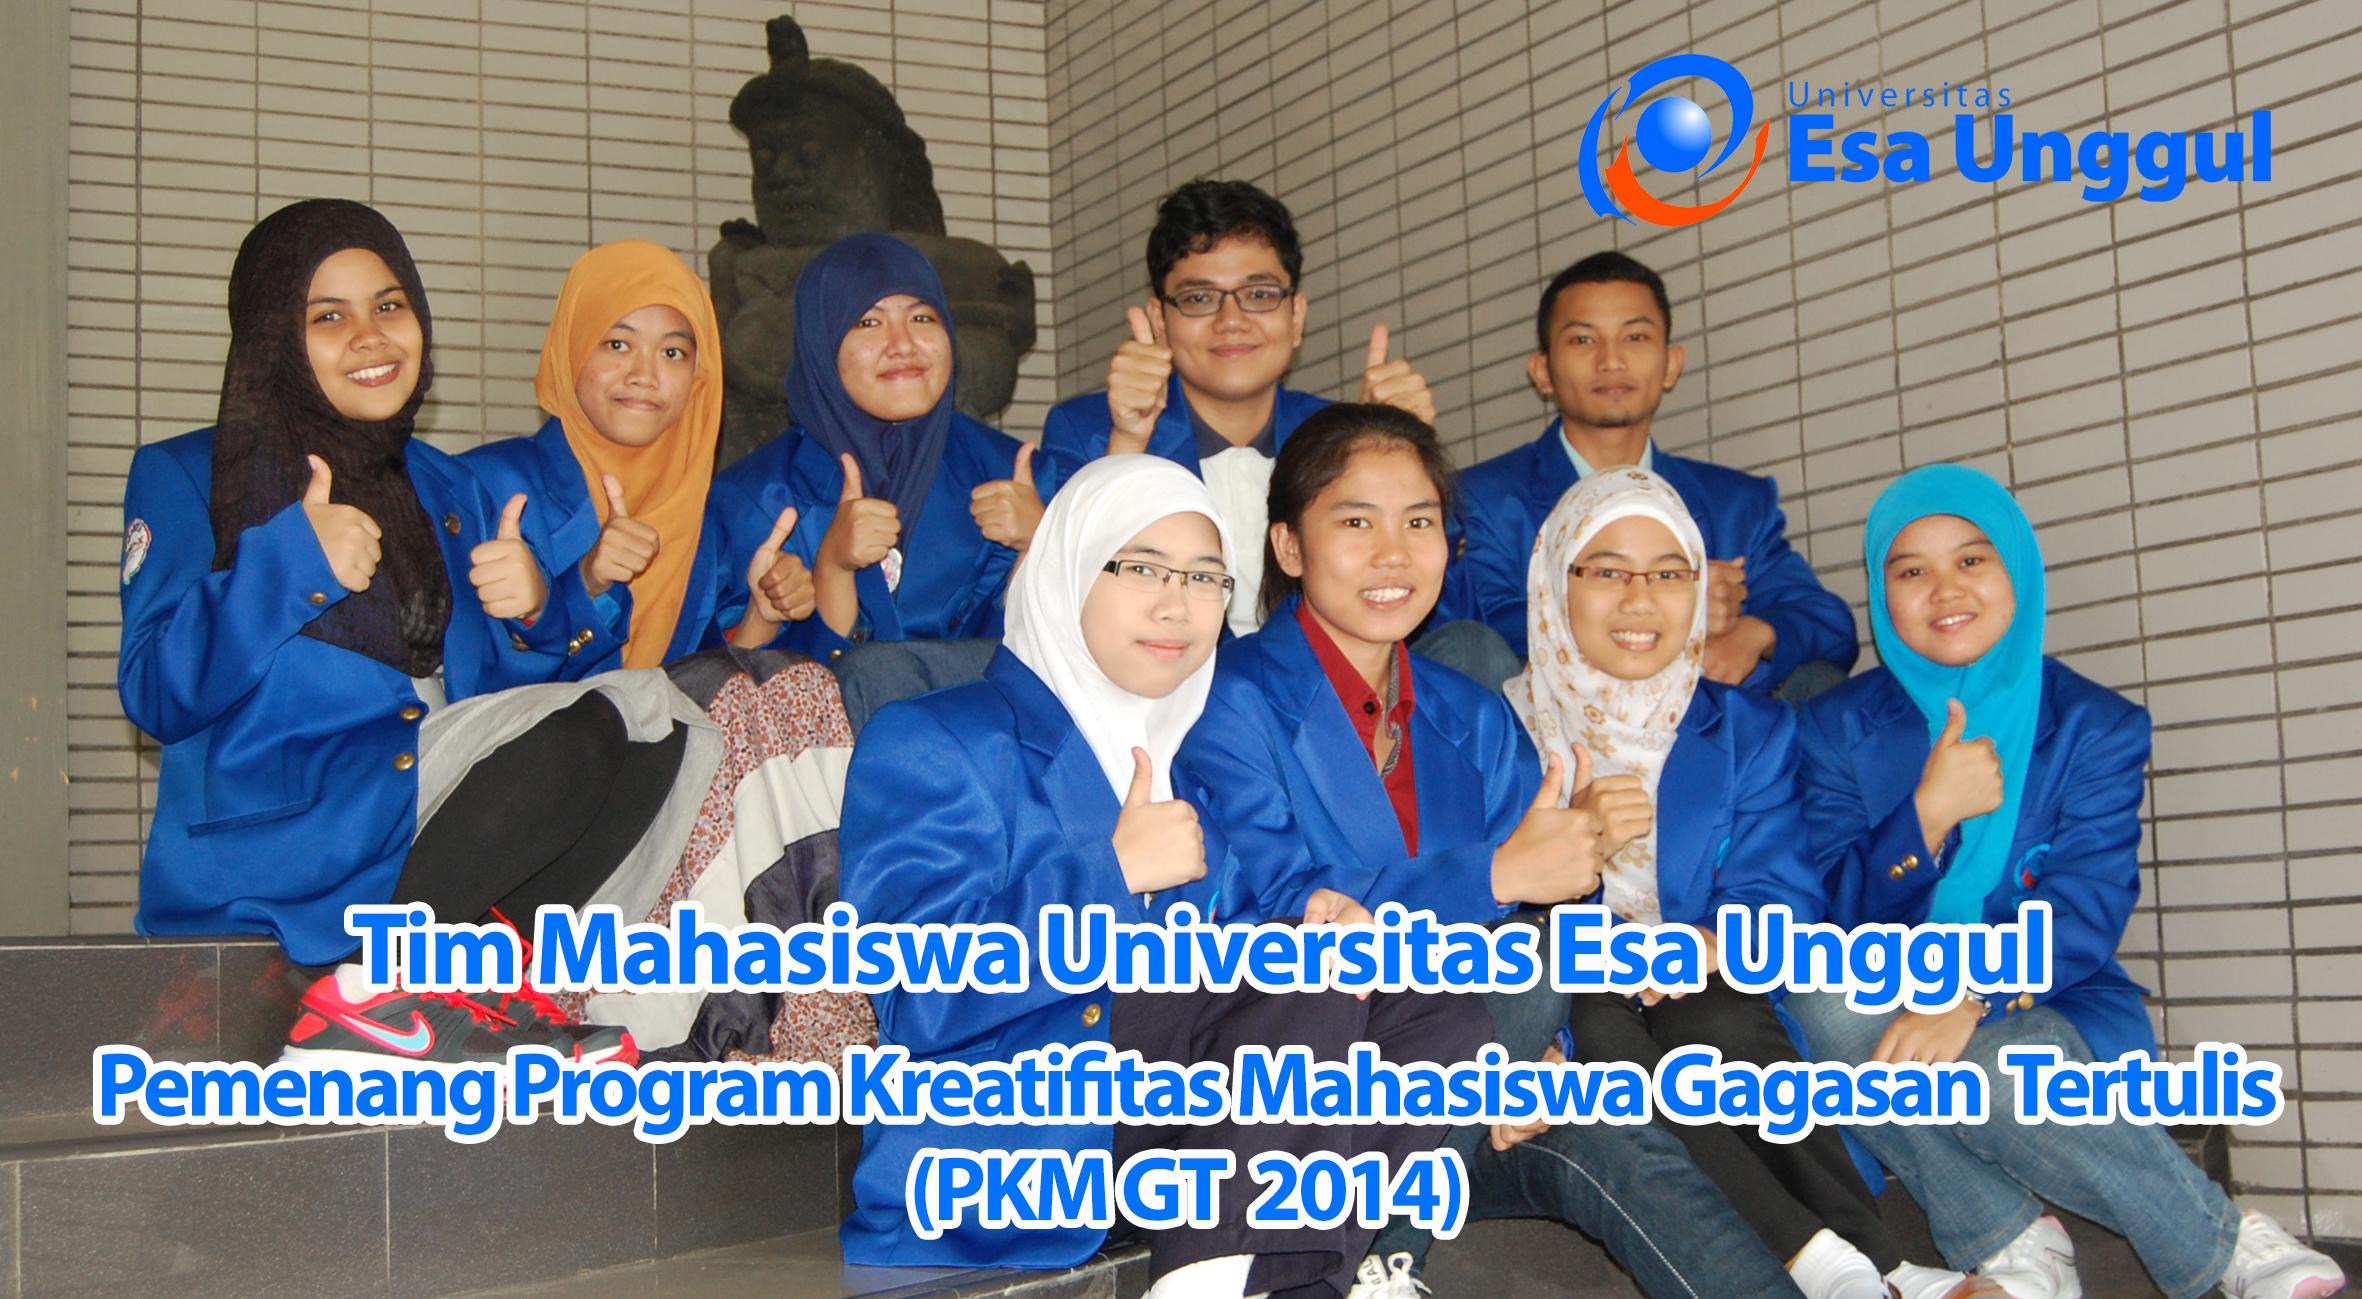 Tim Mahasiswa Universitas Esa Unggul berhasil menjadi Pemenang Program Kreatifitas Mahasiswa Gagasan Tertulis (PKM GT) DIKTI 2014